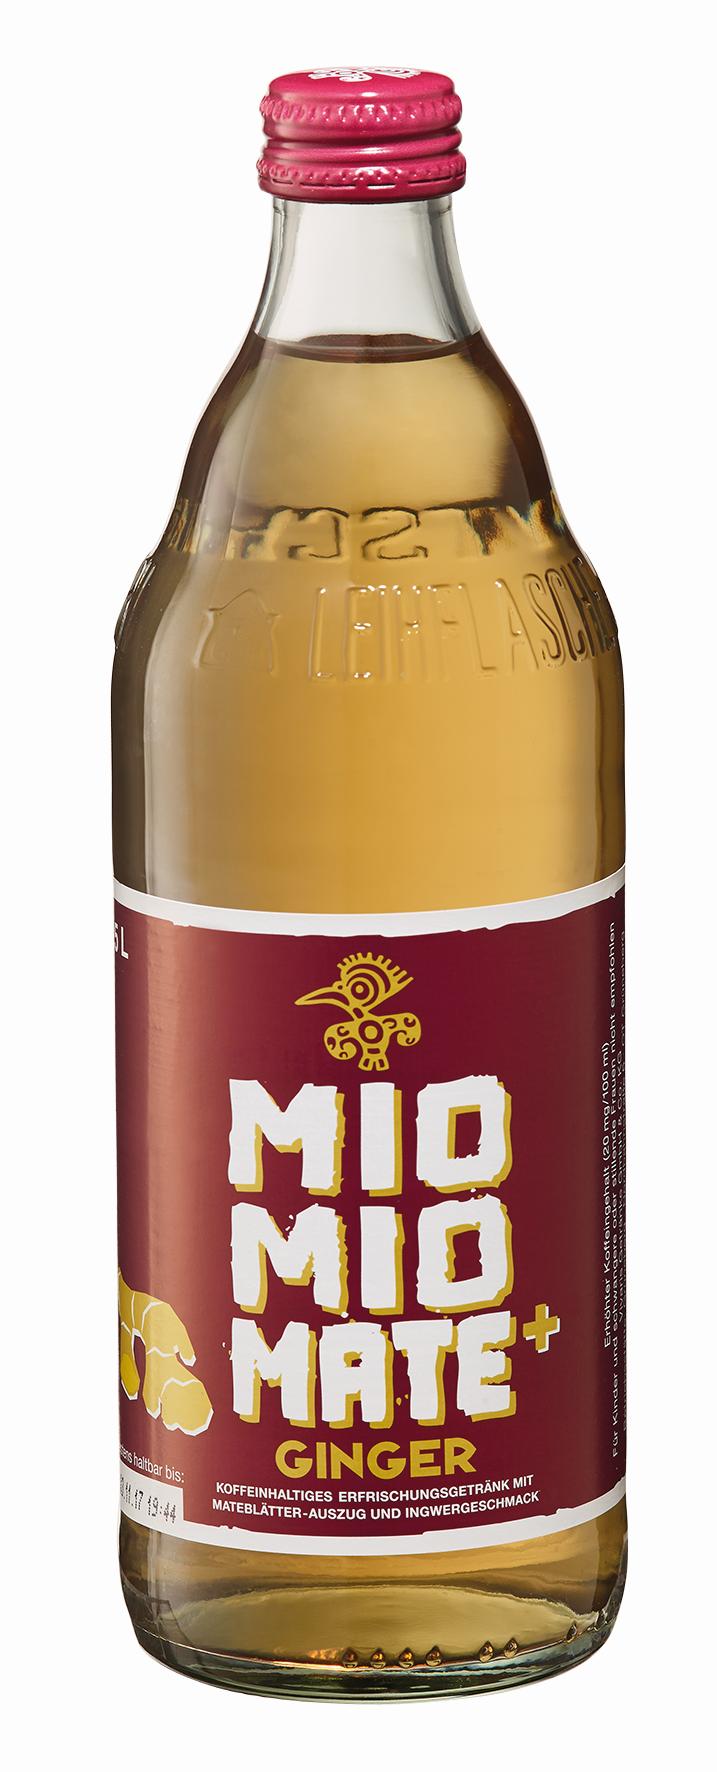 Mio Mio Mate + Ginger, 0,5L | Erfrischungsgetränke | Alkoholfreie ...